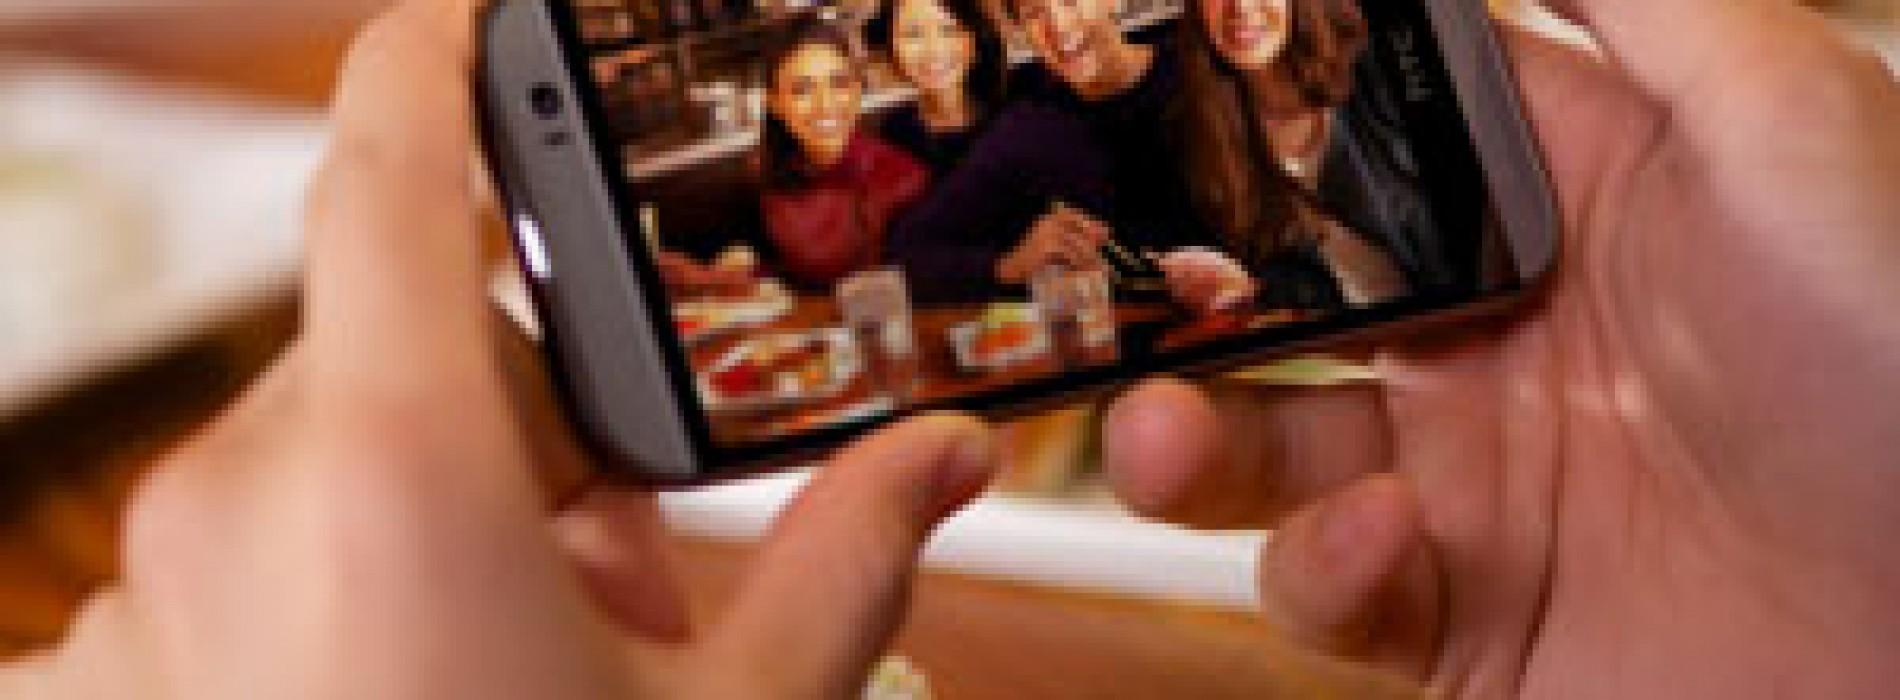 Actualizan HTC One m8 a Lollipop 5.0